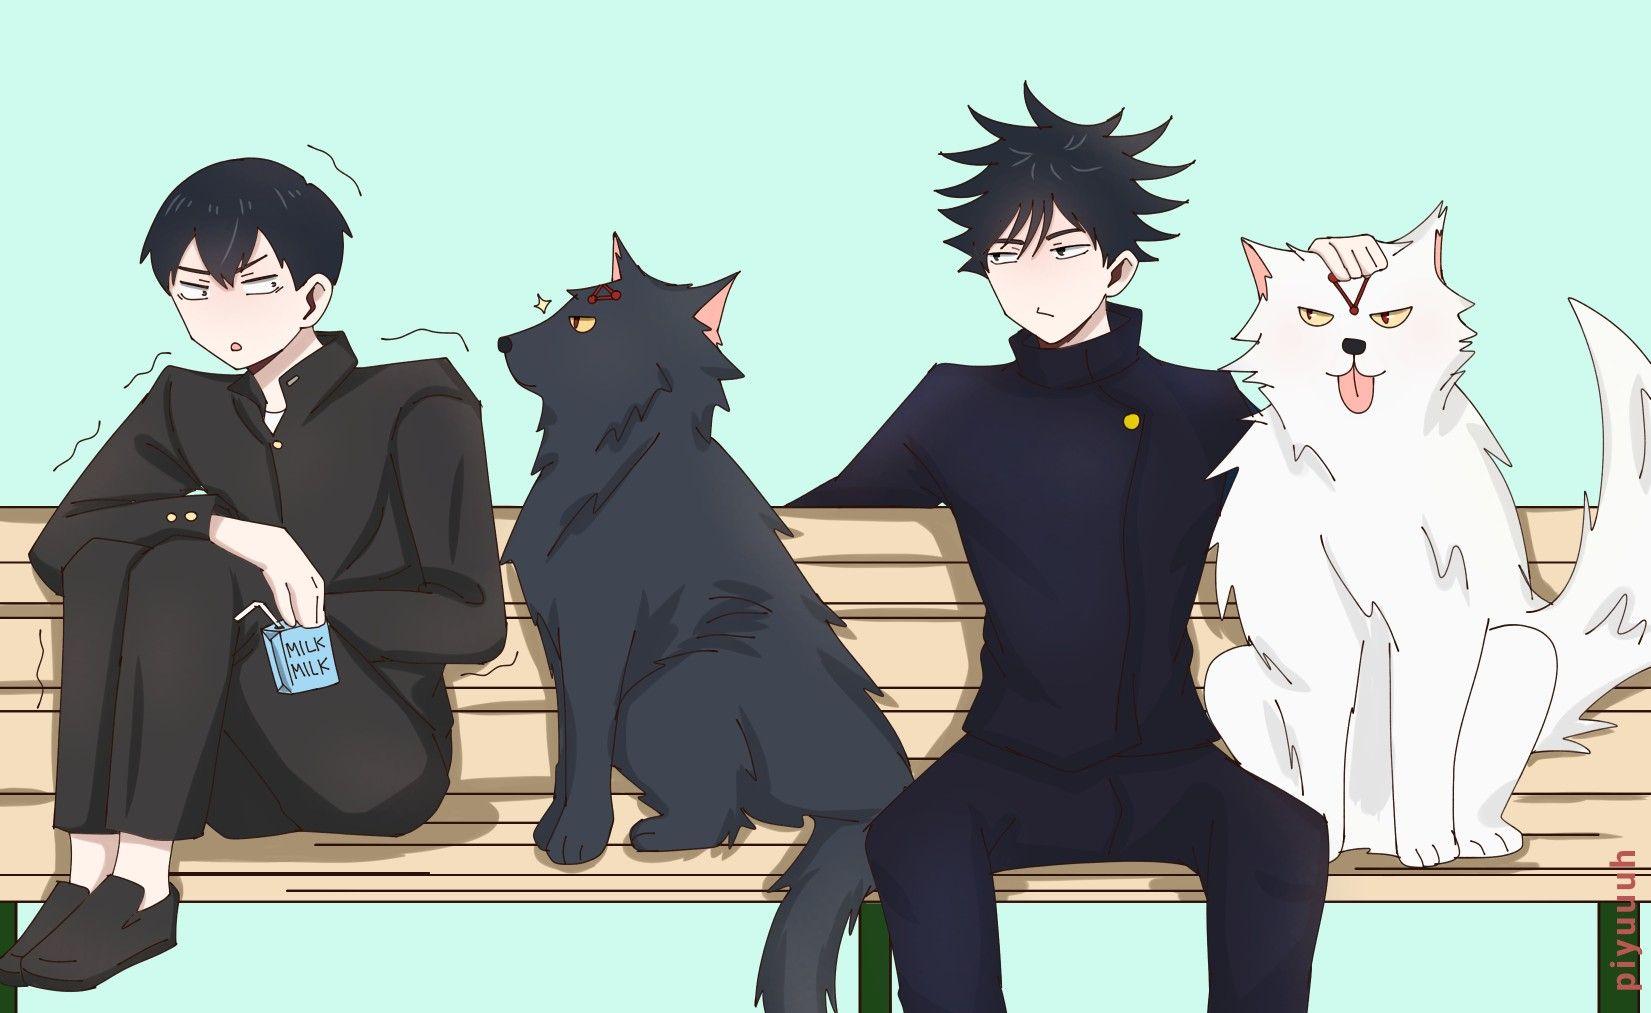 Haikyuu X Jujutsu Kaisen Crossover Anime Crossover Anime Haikyuu